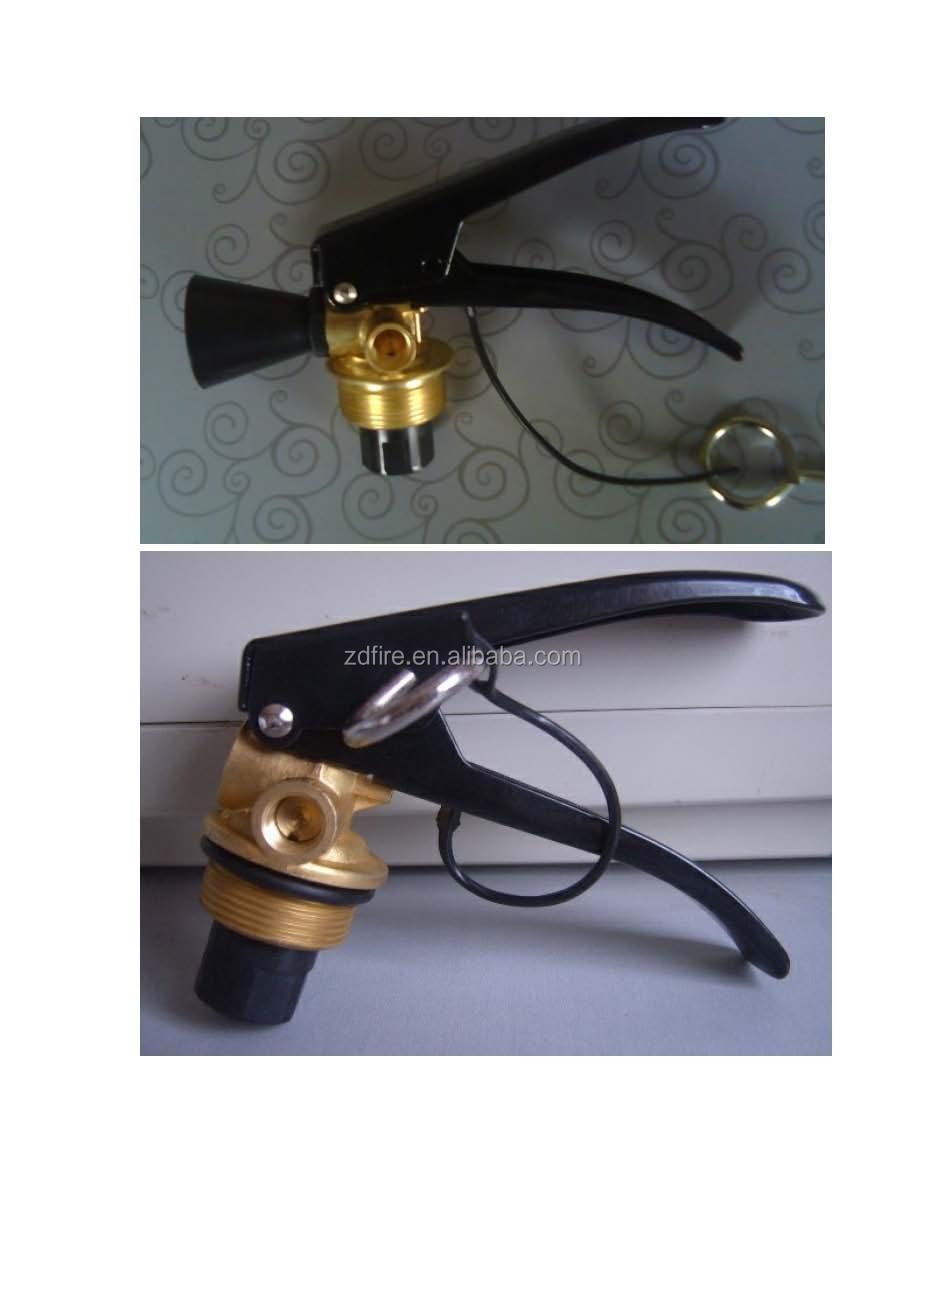 Огнетушитель клапан, valvula де extintor